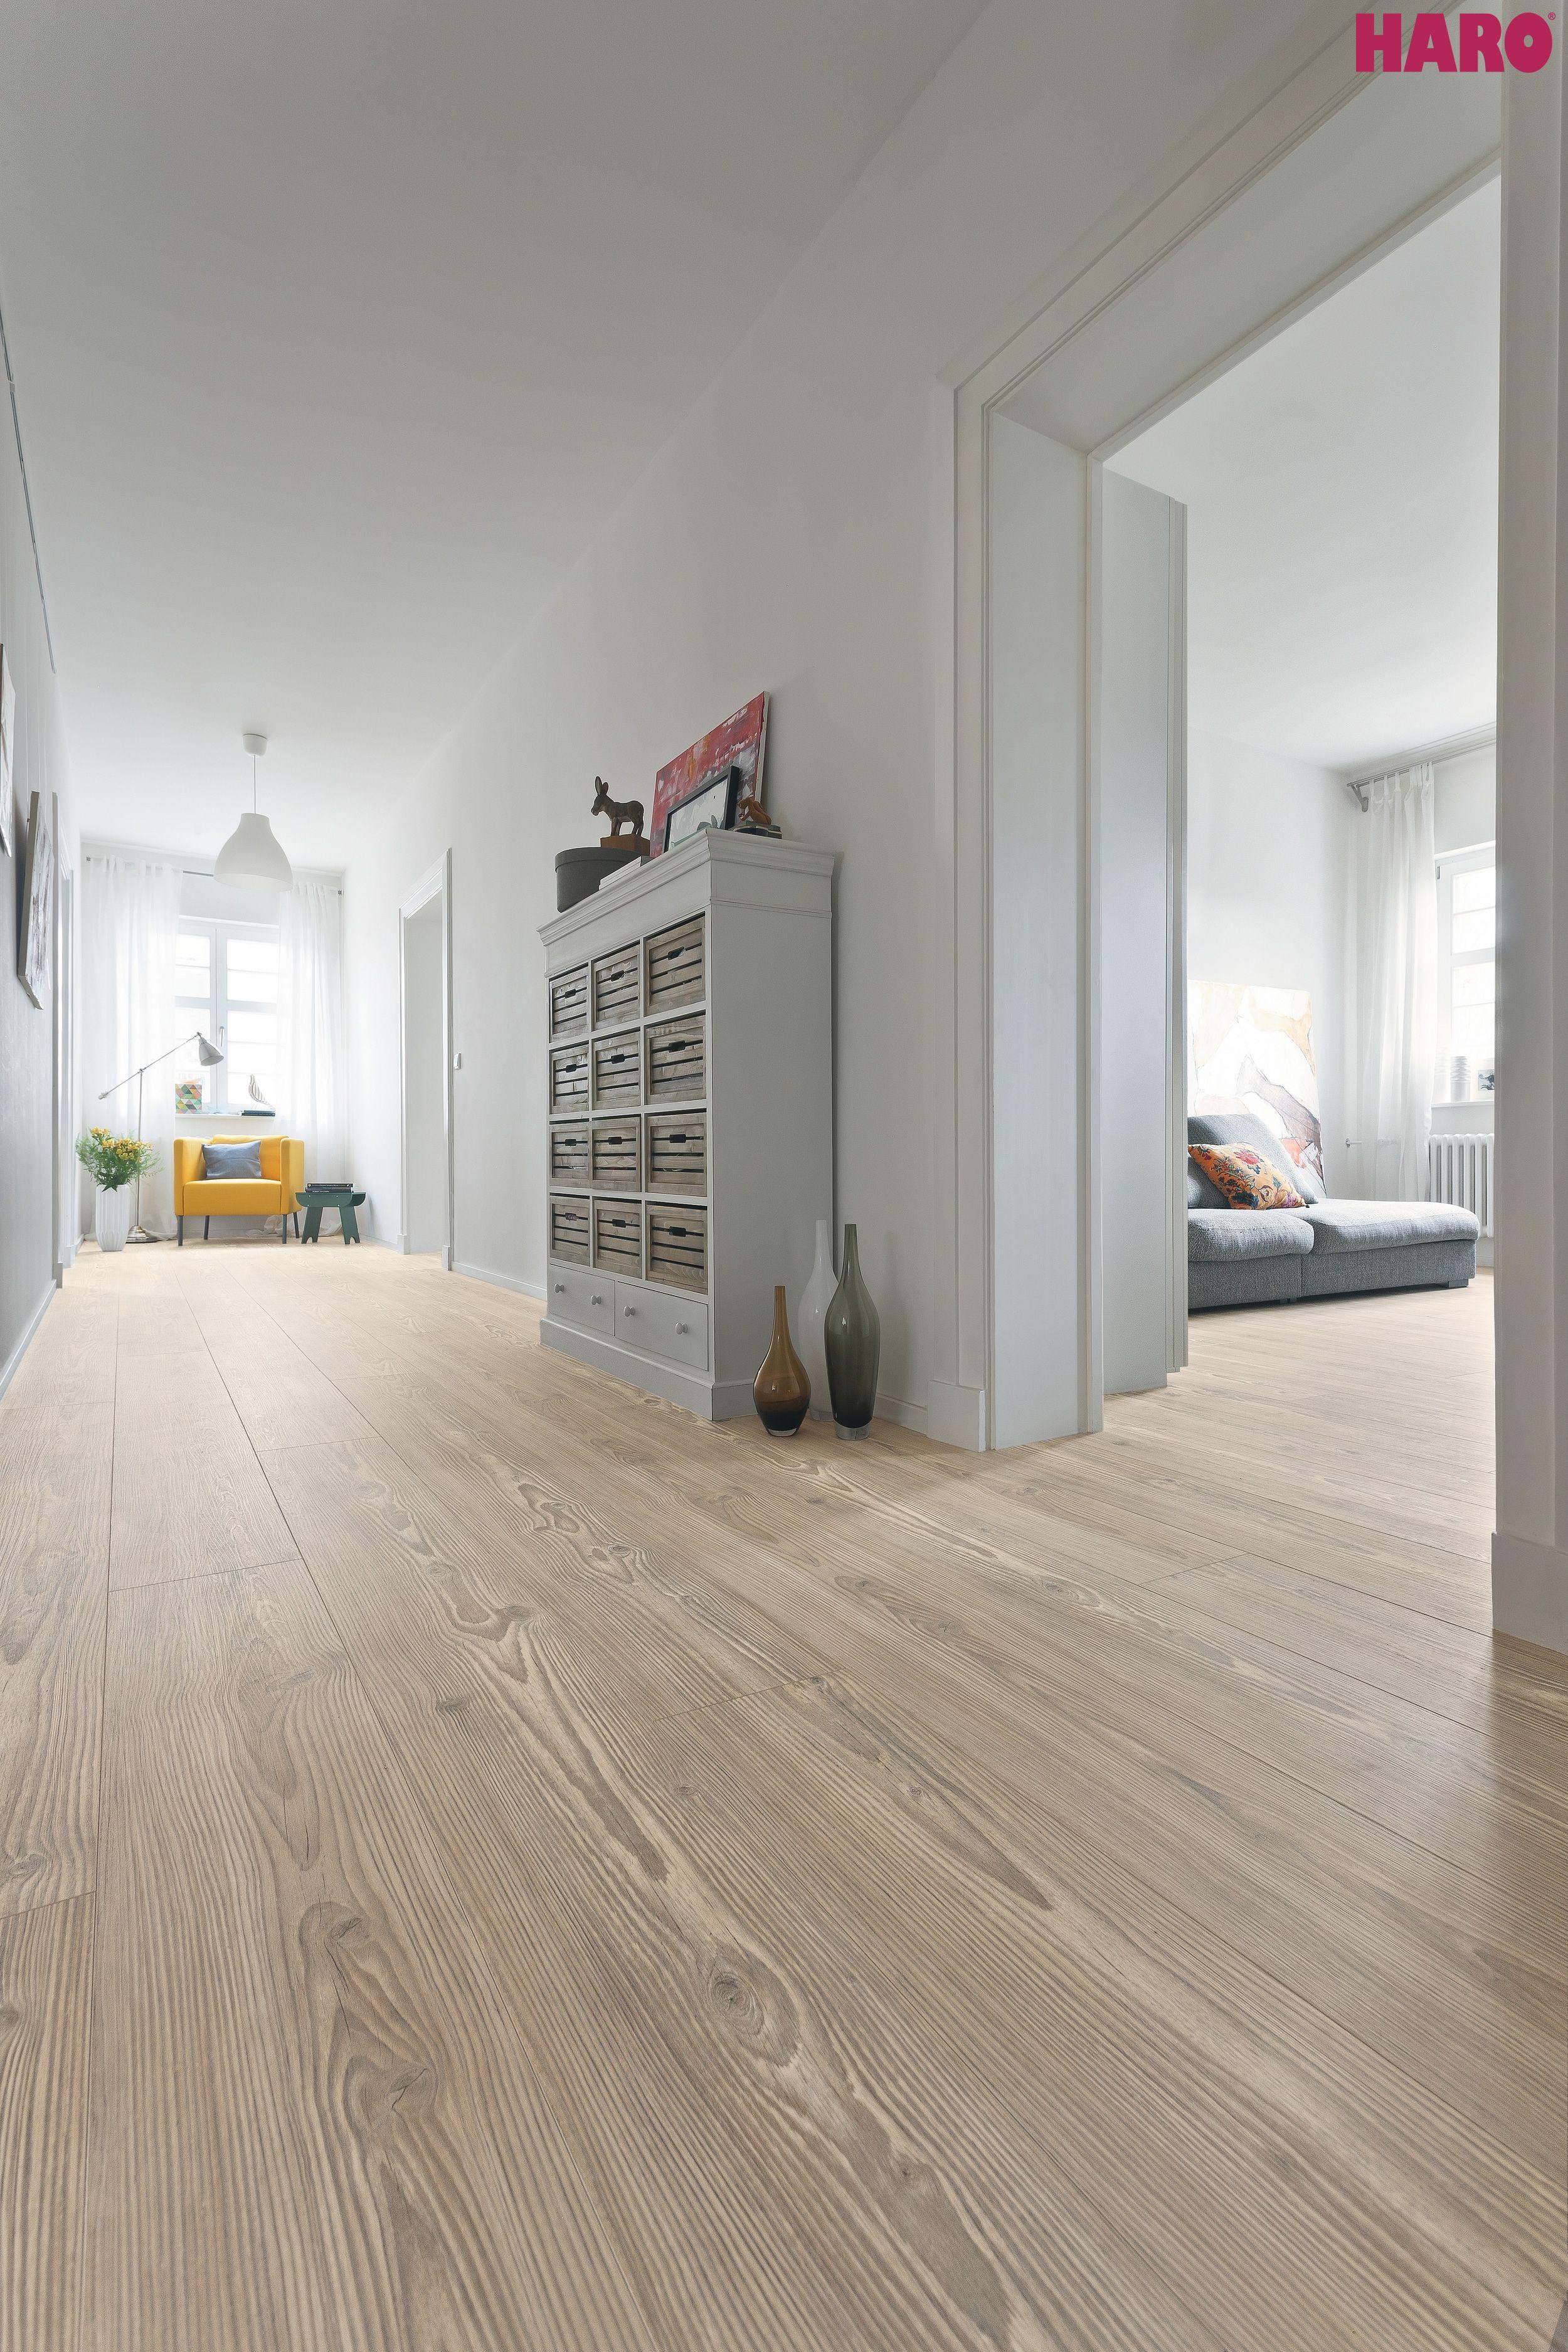 529908 Disano Classic By Haro Designboden Pinie Tessin Xl Landhausdiele Strukturiert Mit 4v Fase Haus Rund Ums Haus Und Landhausdiele